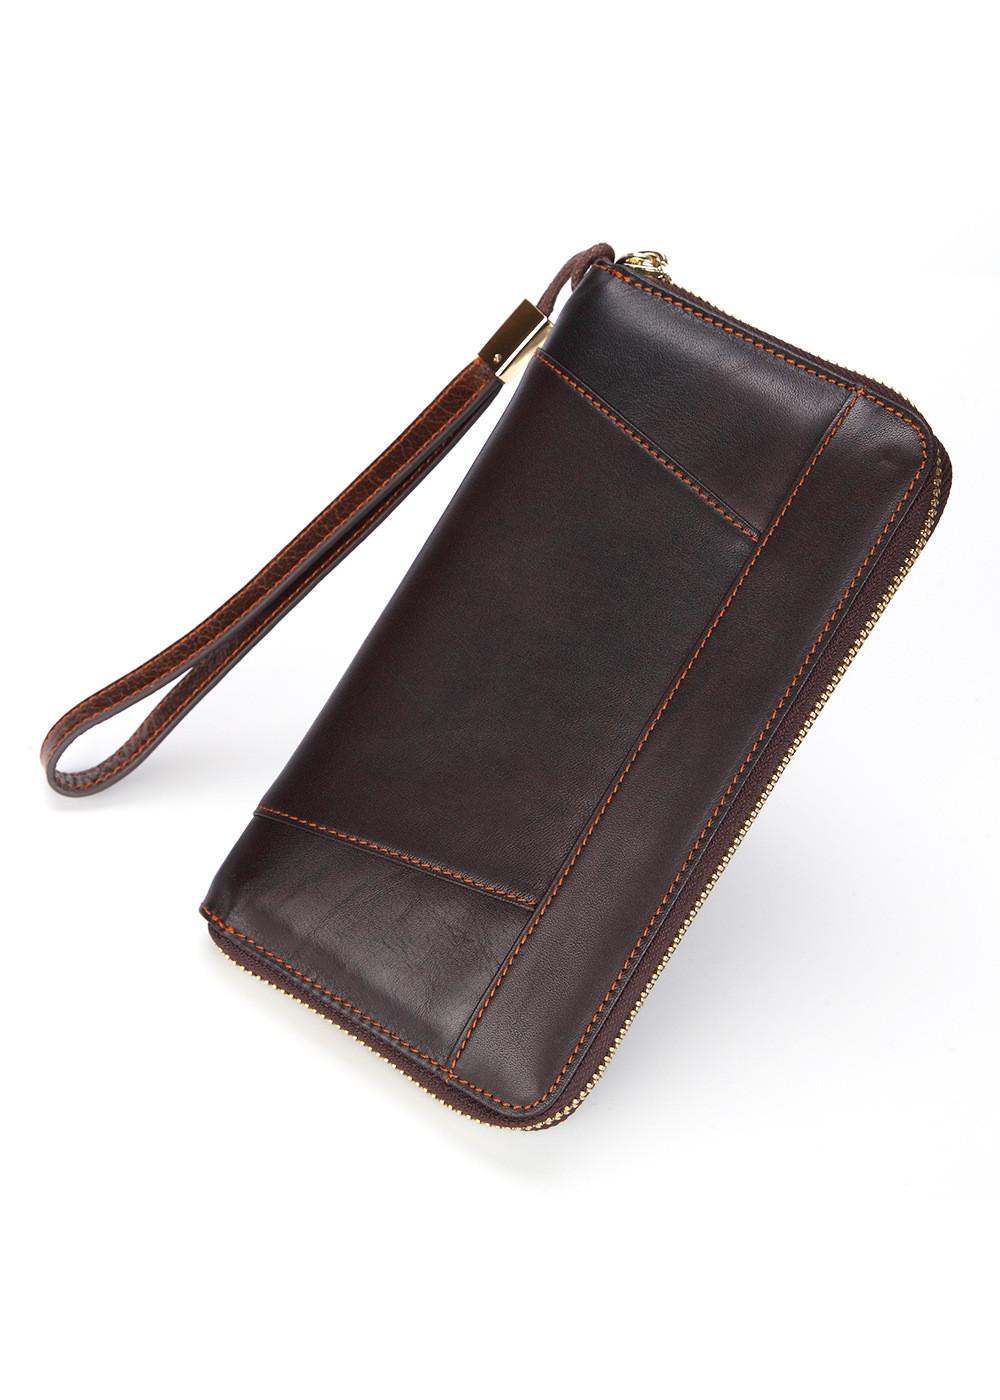 Ví dài  da bò thật - mẫu ví  cầm tay cao cấp có khóa kéo kim loại đẹp- bền-tiện dụng.VD09